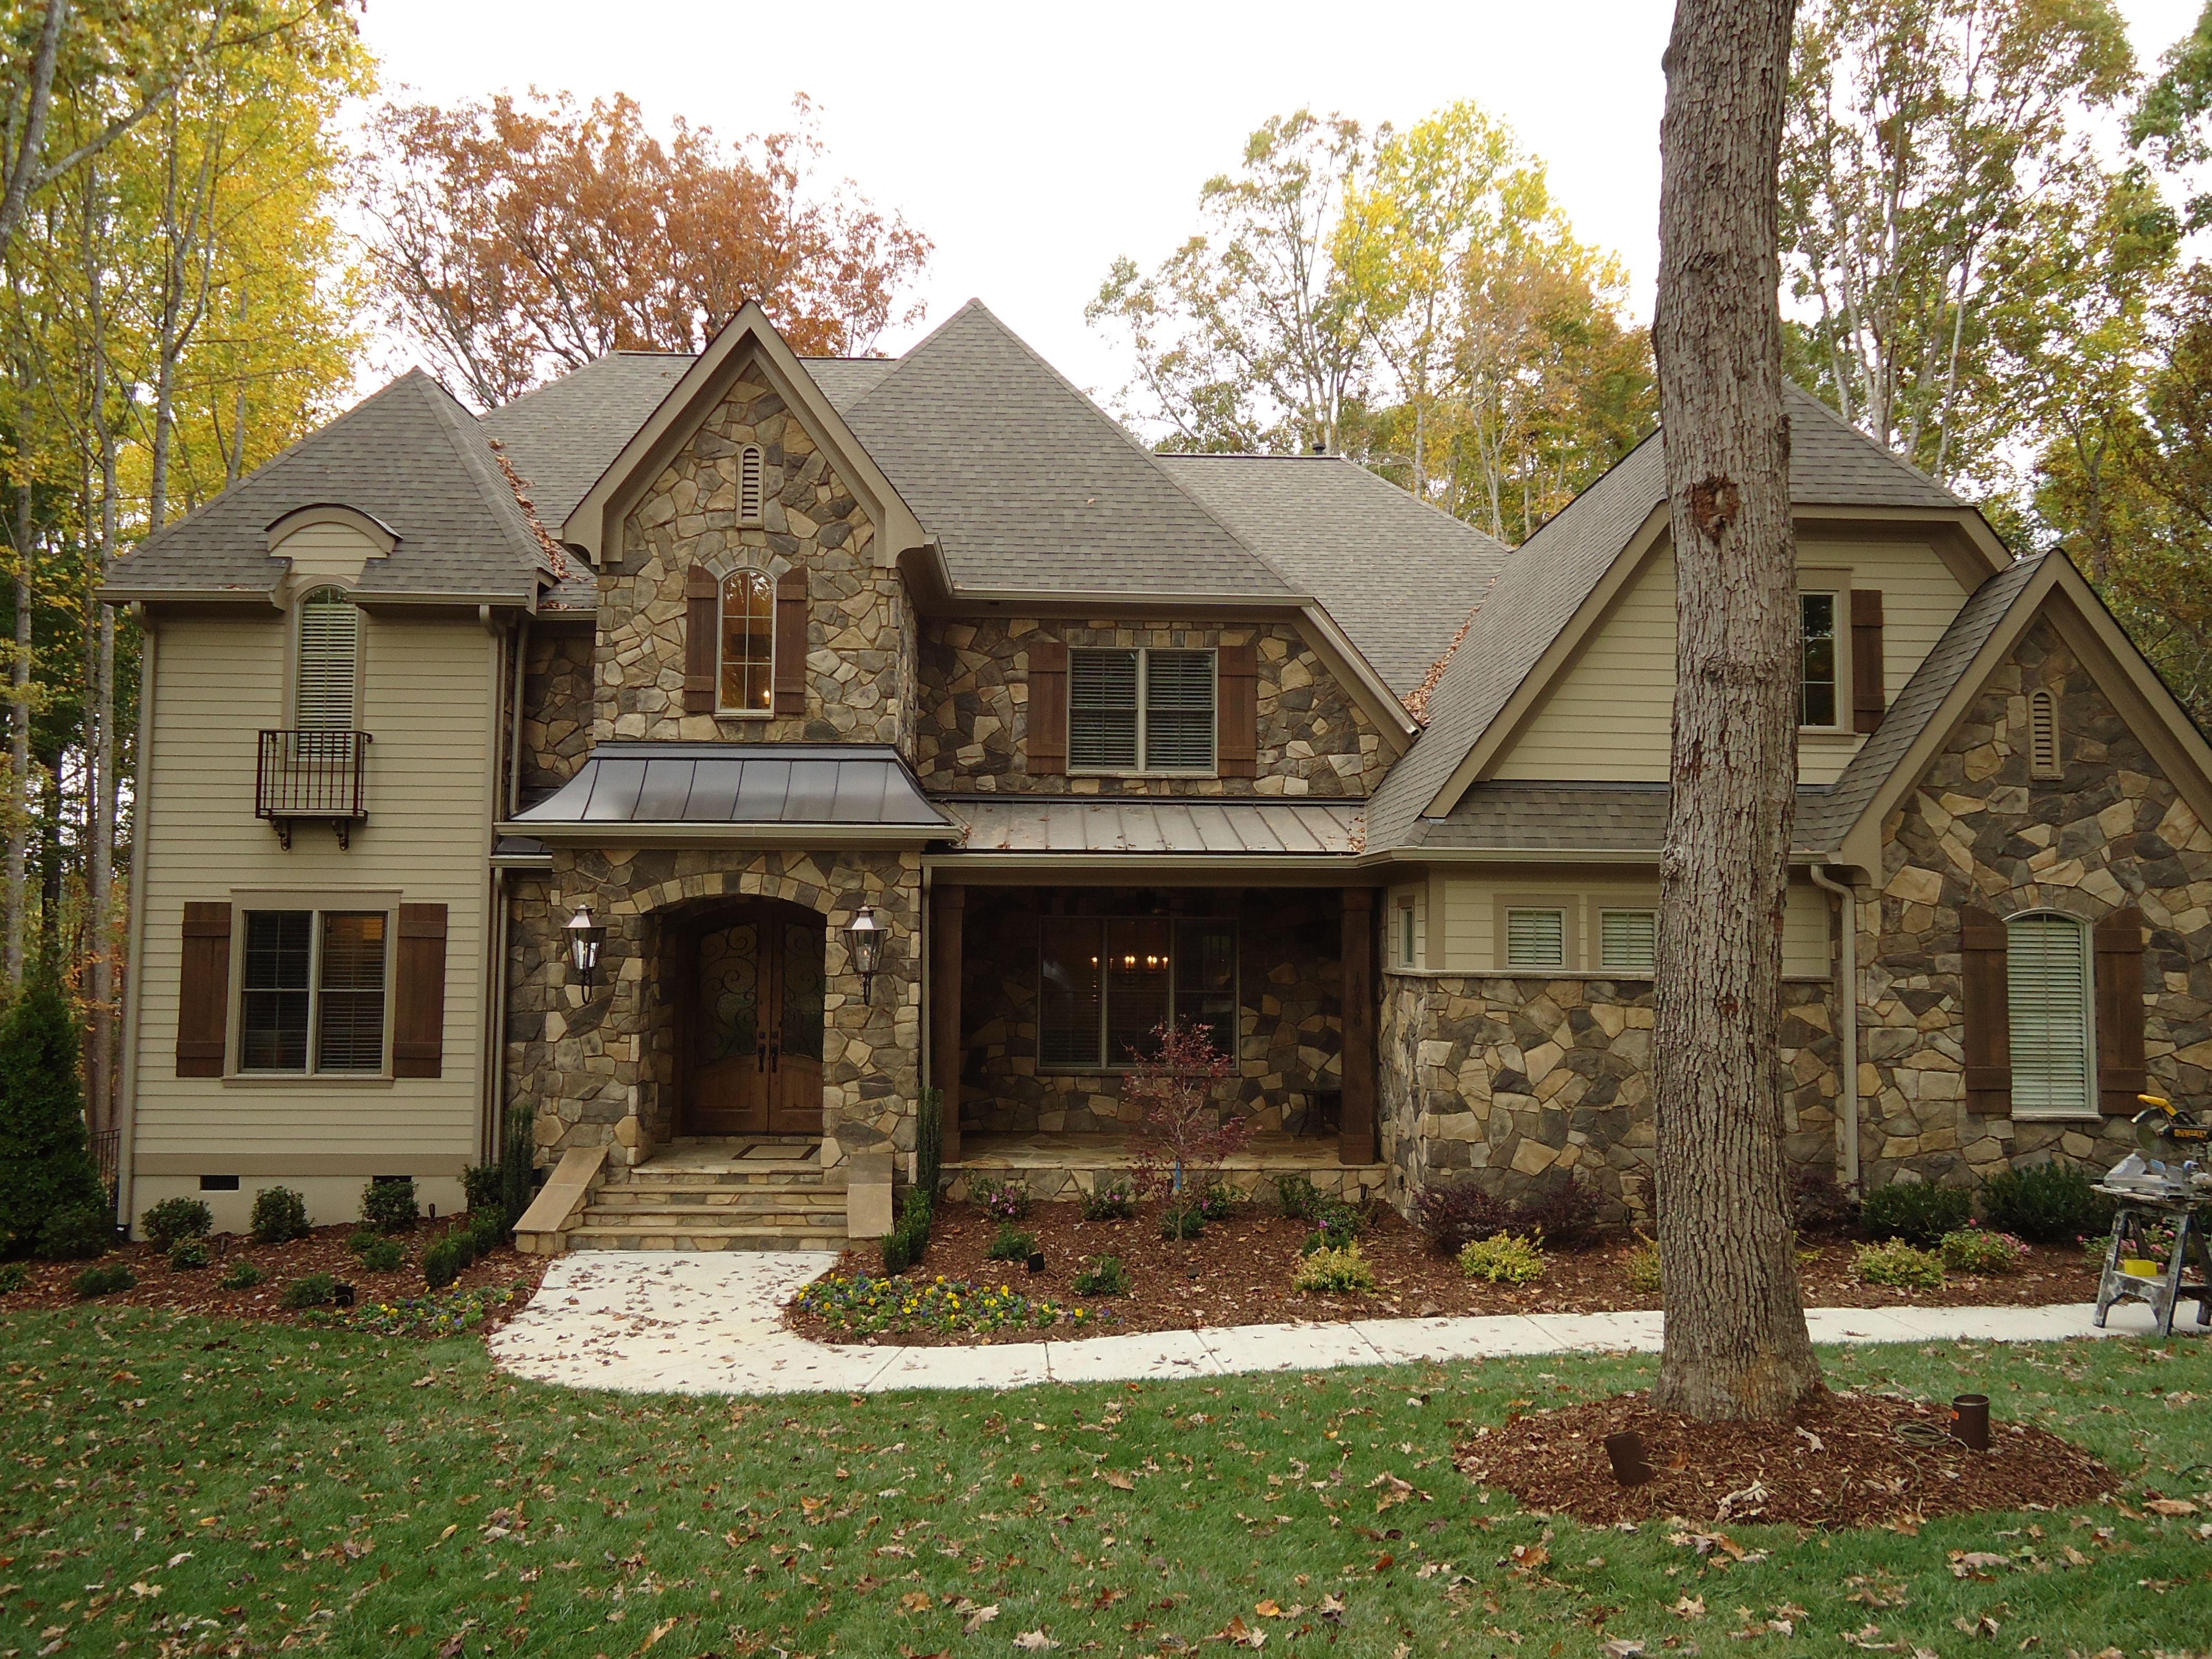 Best Arh Silver Oak Plan Exterior 31 Metal Roof Sentricla 400 x 300